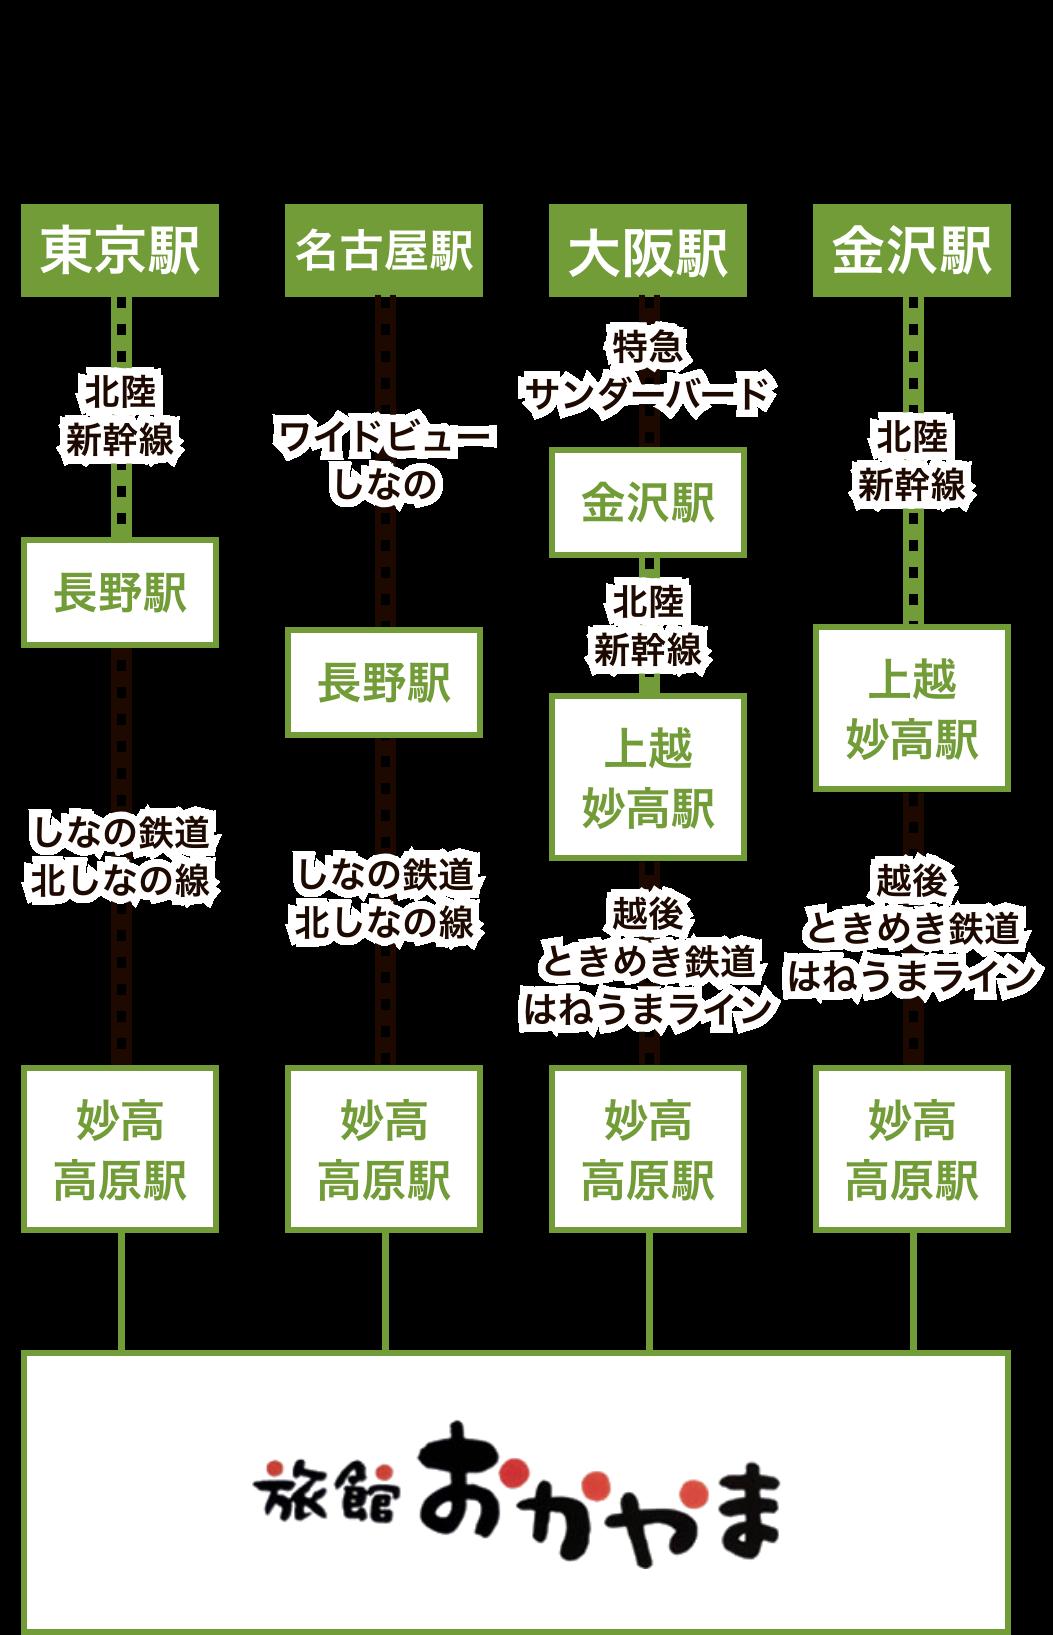 妙高高原駅下車 東京から2時間10分、大阪から4時間20分